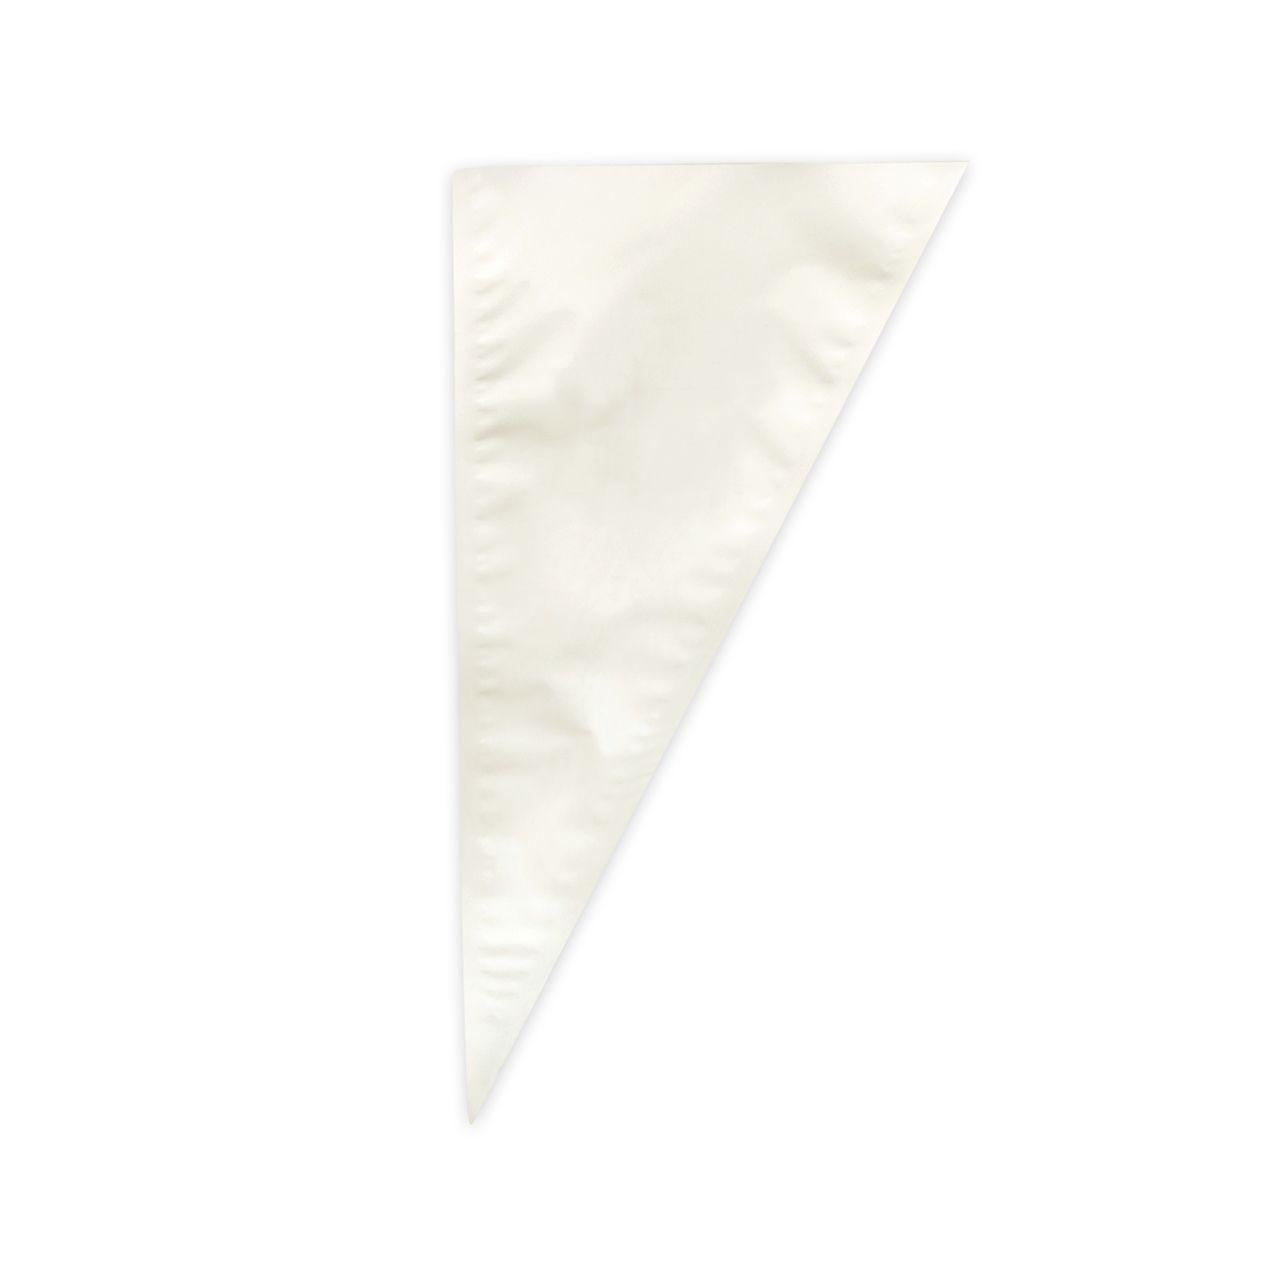 Saco para Confeitar Descartável Médio 22 x 34cm (50 uni) - Mago